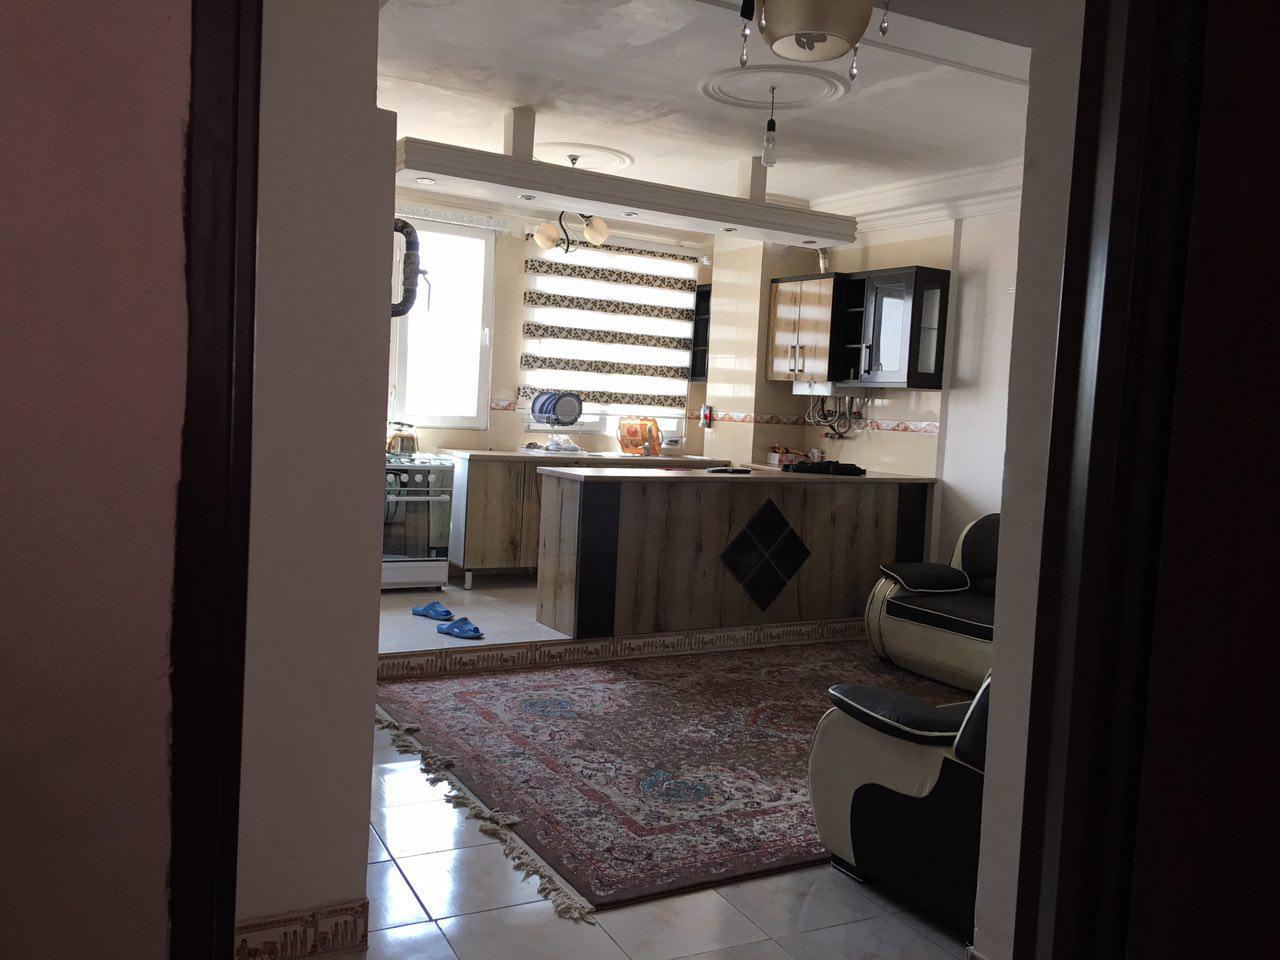 آپارتمان مبله اجاره ای در اصفهان VH2145 | اسکان لند